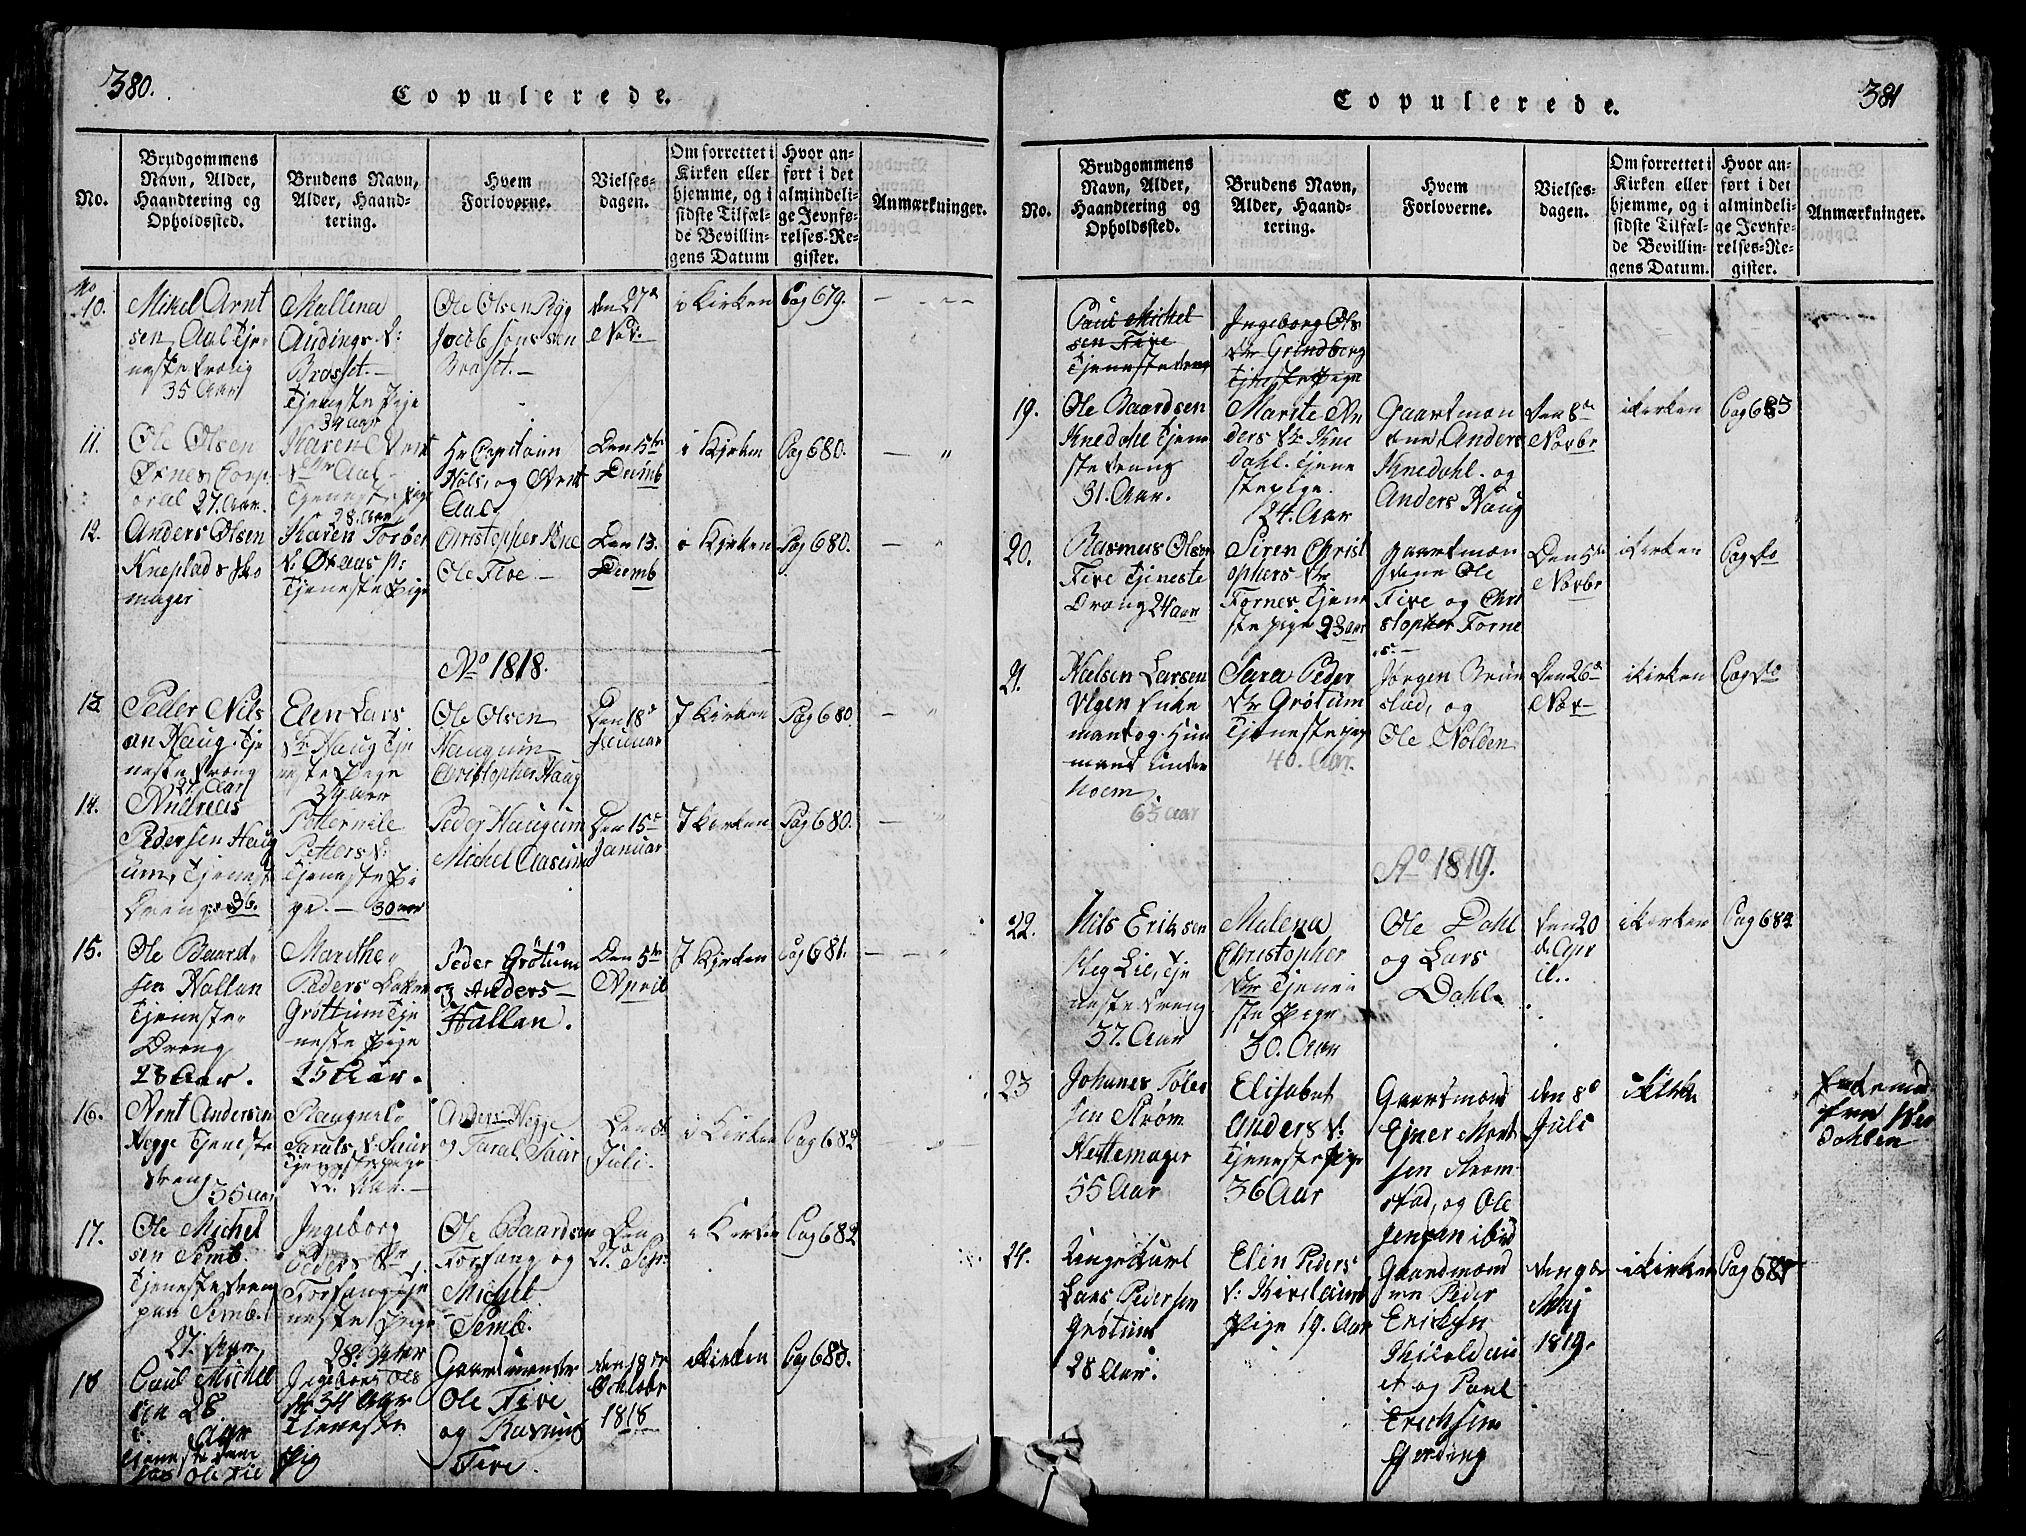 SAT, Ministerialprotokoller, klokkerbøker og fødselsregistre - Nord-Trøndelag, 747/L0459: Klokkerbok nr. 747C01, 1816-1842, s. 380-381